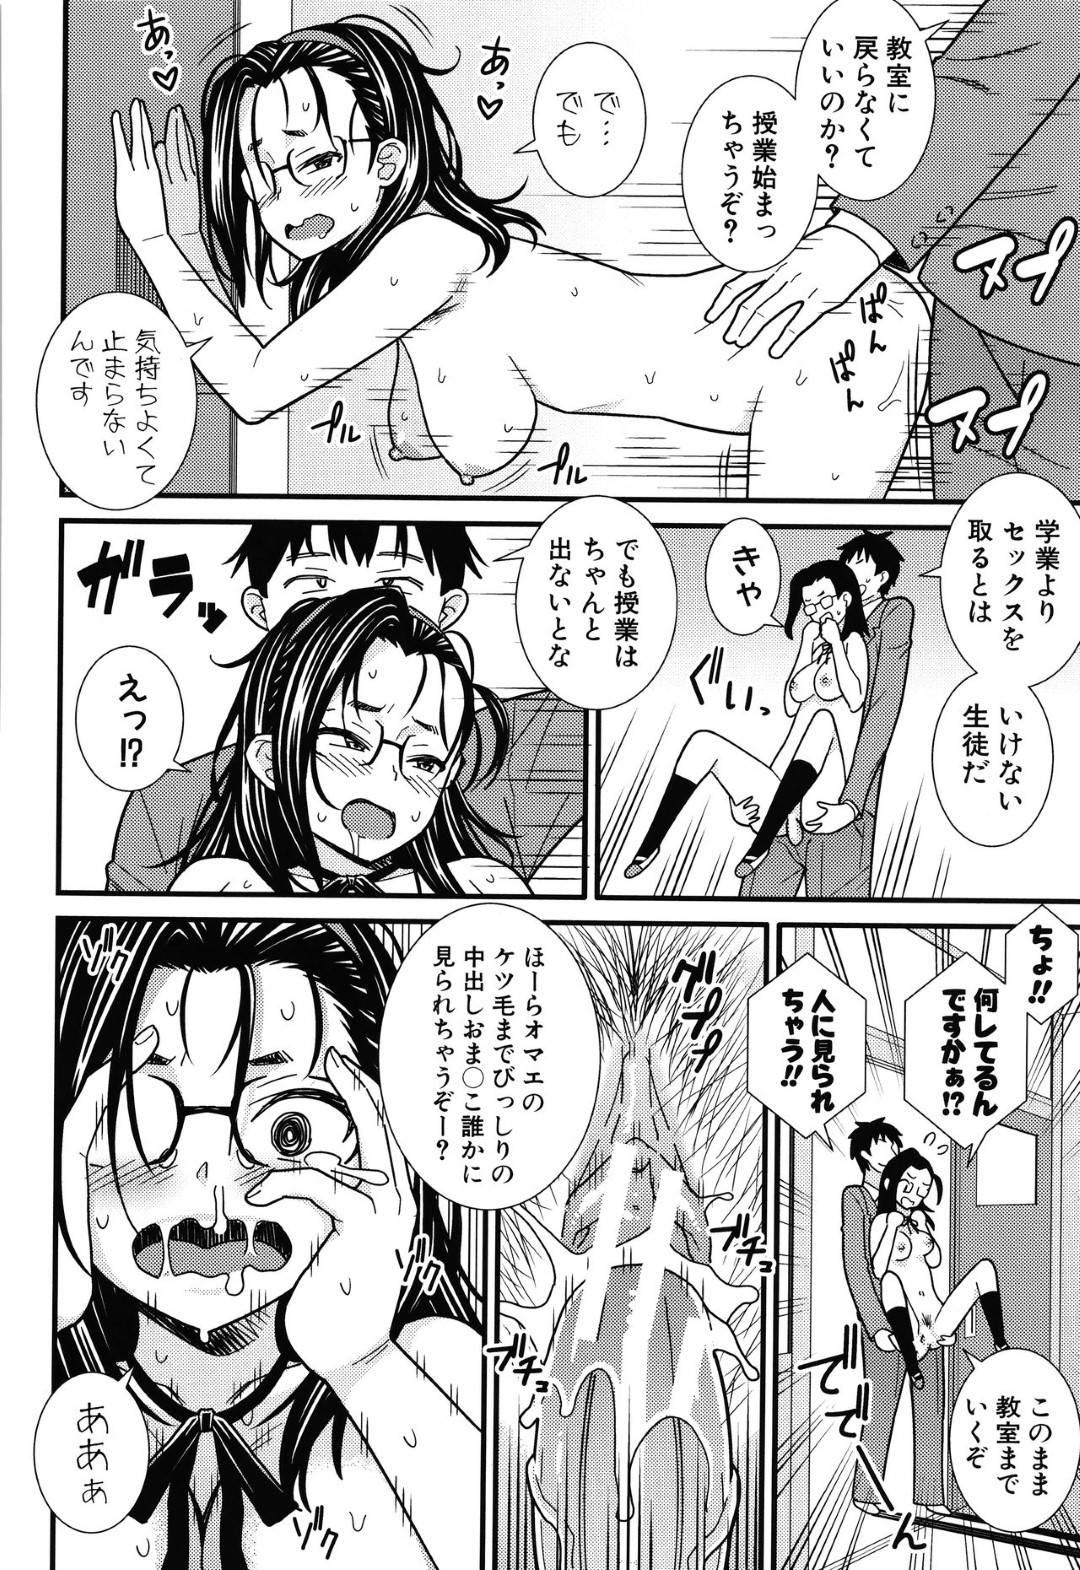 【教師と生徒のエロ漫画】教師の性欲解消のために委員長はチンコを咥えさせられ濡れ濡れマンこに生ハメされる【どれいん】